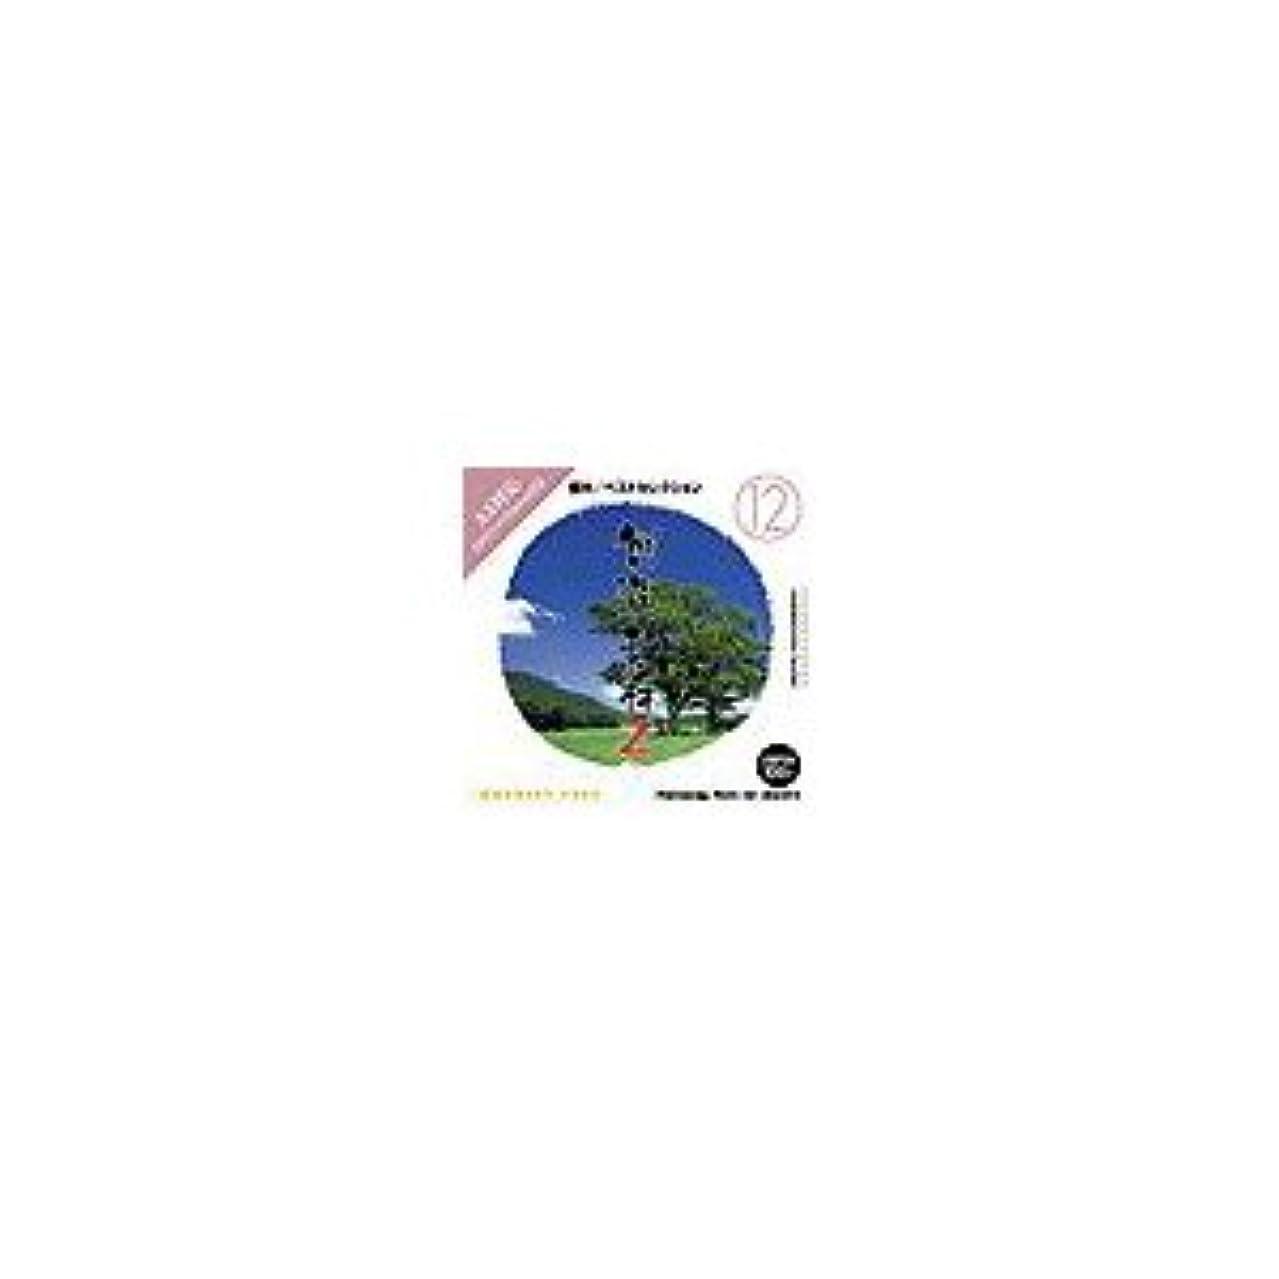 摘む割り当て幻想的写真素材 創造素材 Zシリーズ (12) 樹木/ベストセレクション ds-68245